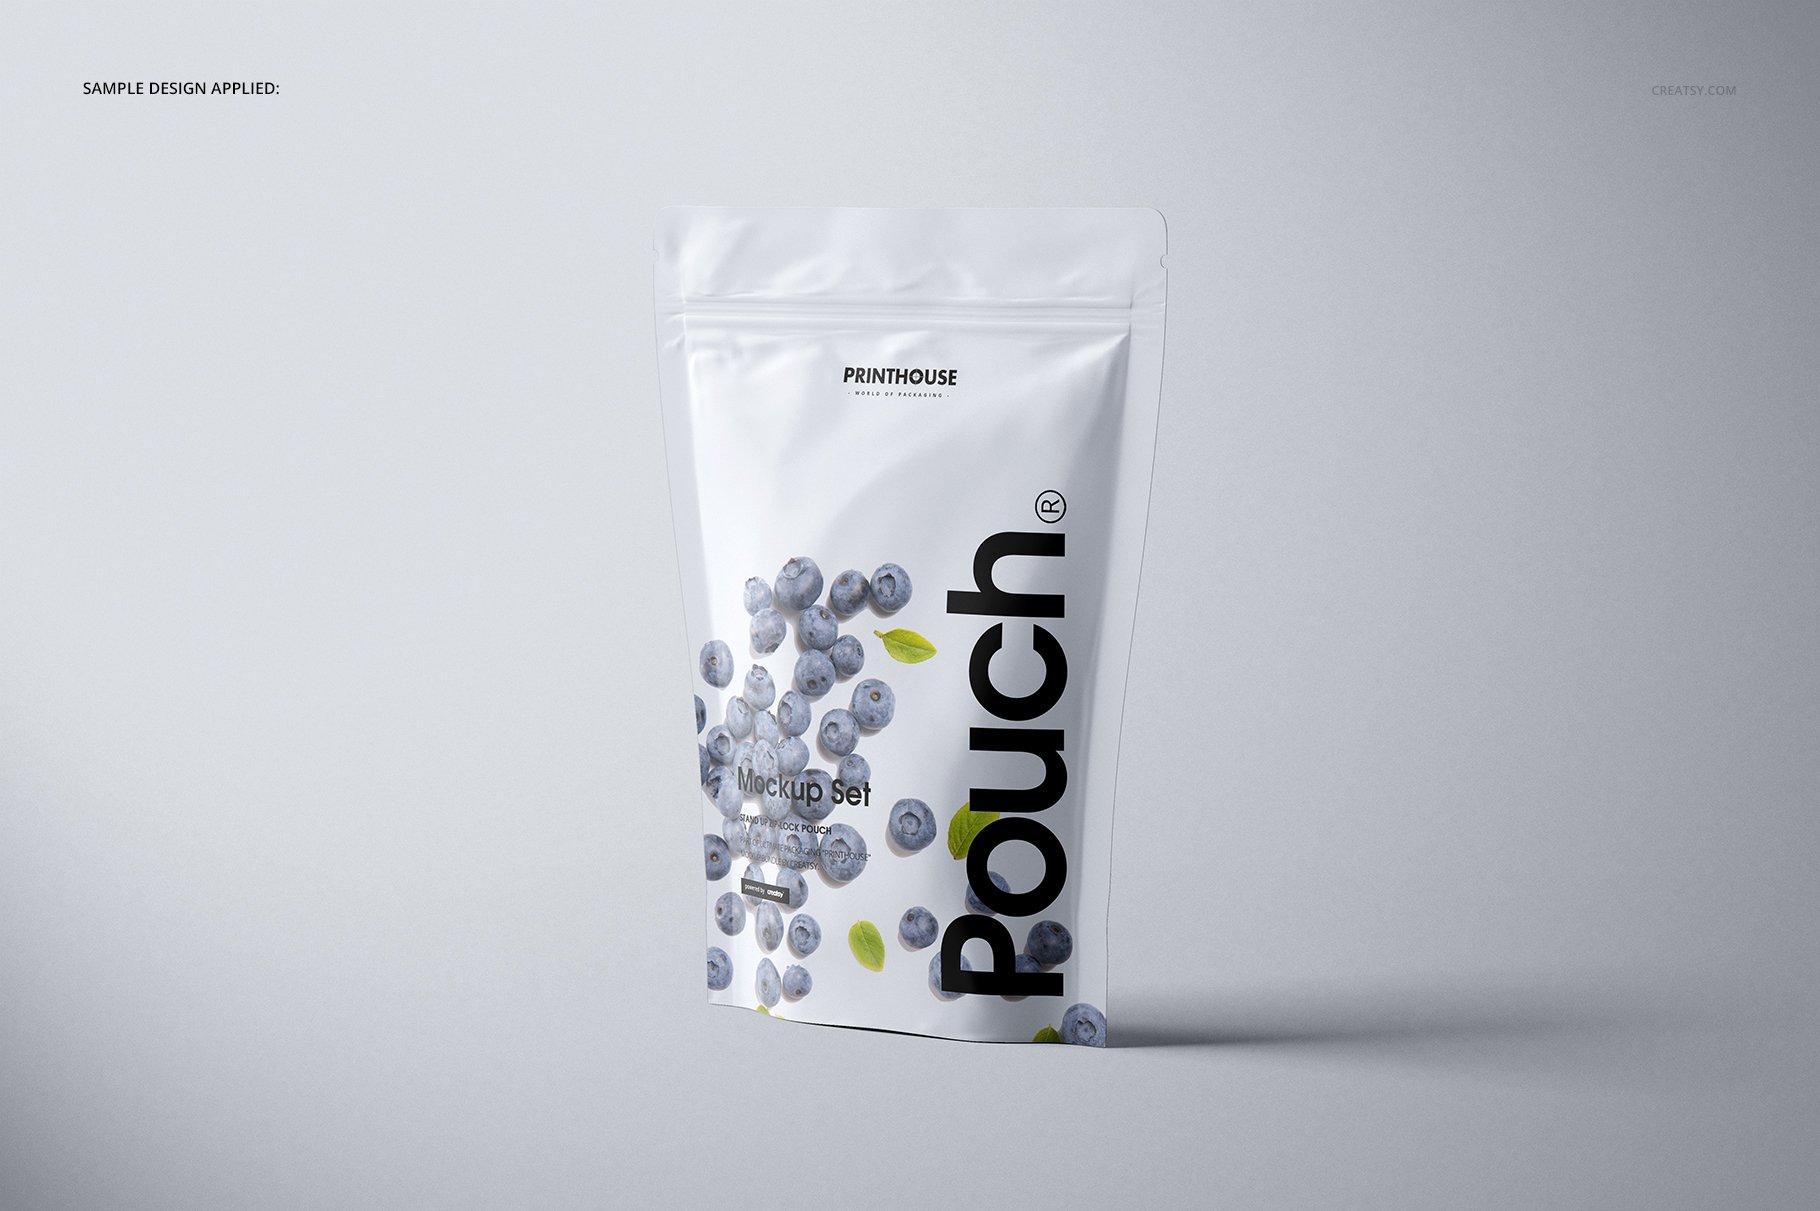 简约立式拉链锁食品自封袋塑料袋设计展示样机合集 Stand Up Pouch (mat) Mockup Set插图(4)